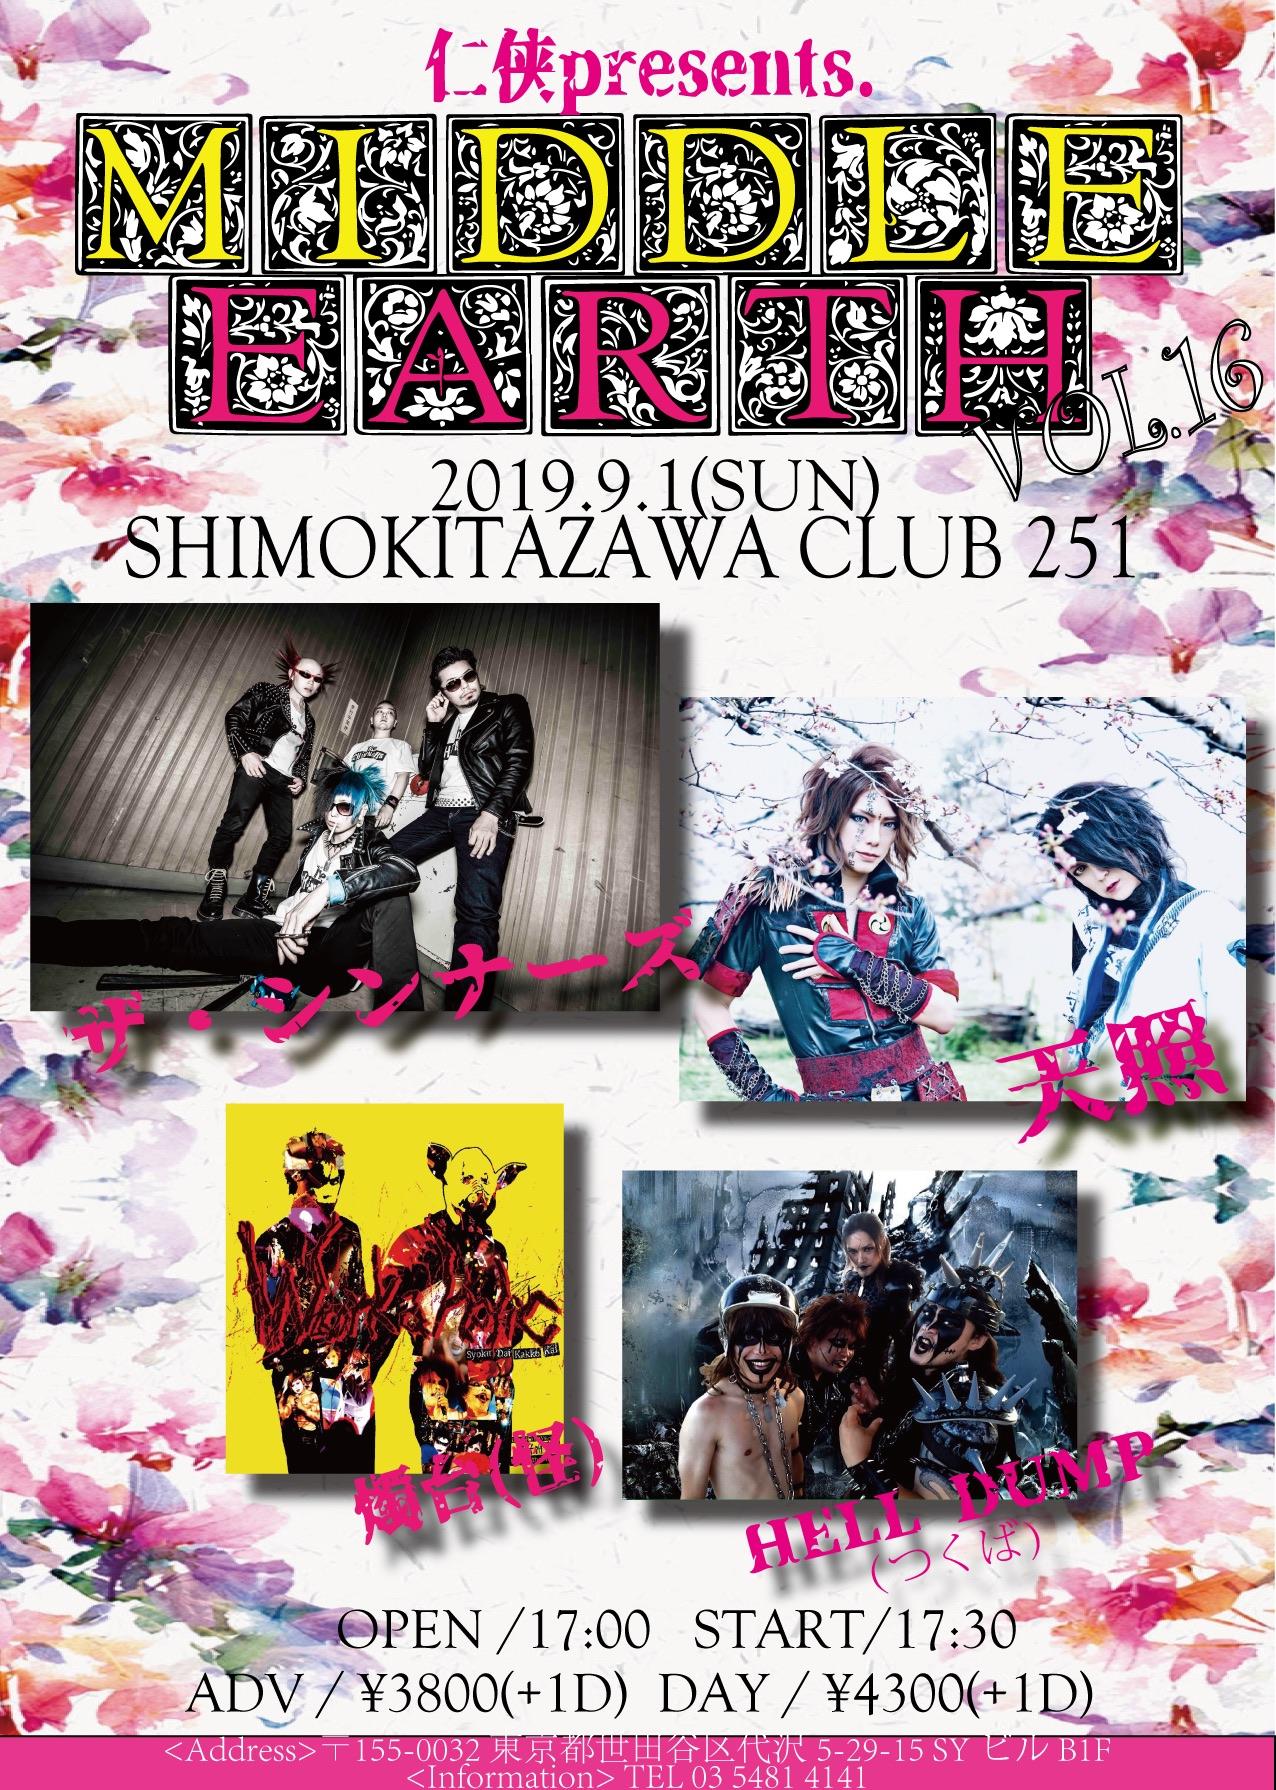 仁侠 presents Middle-Earth vol.16